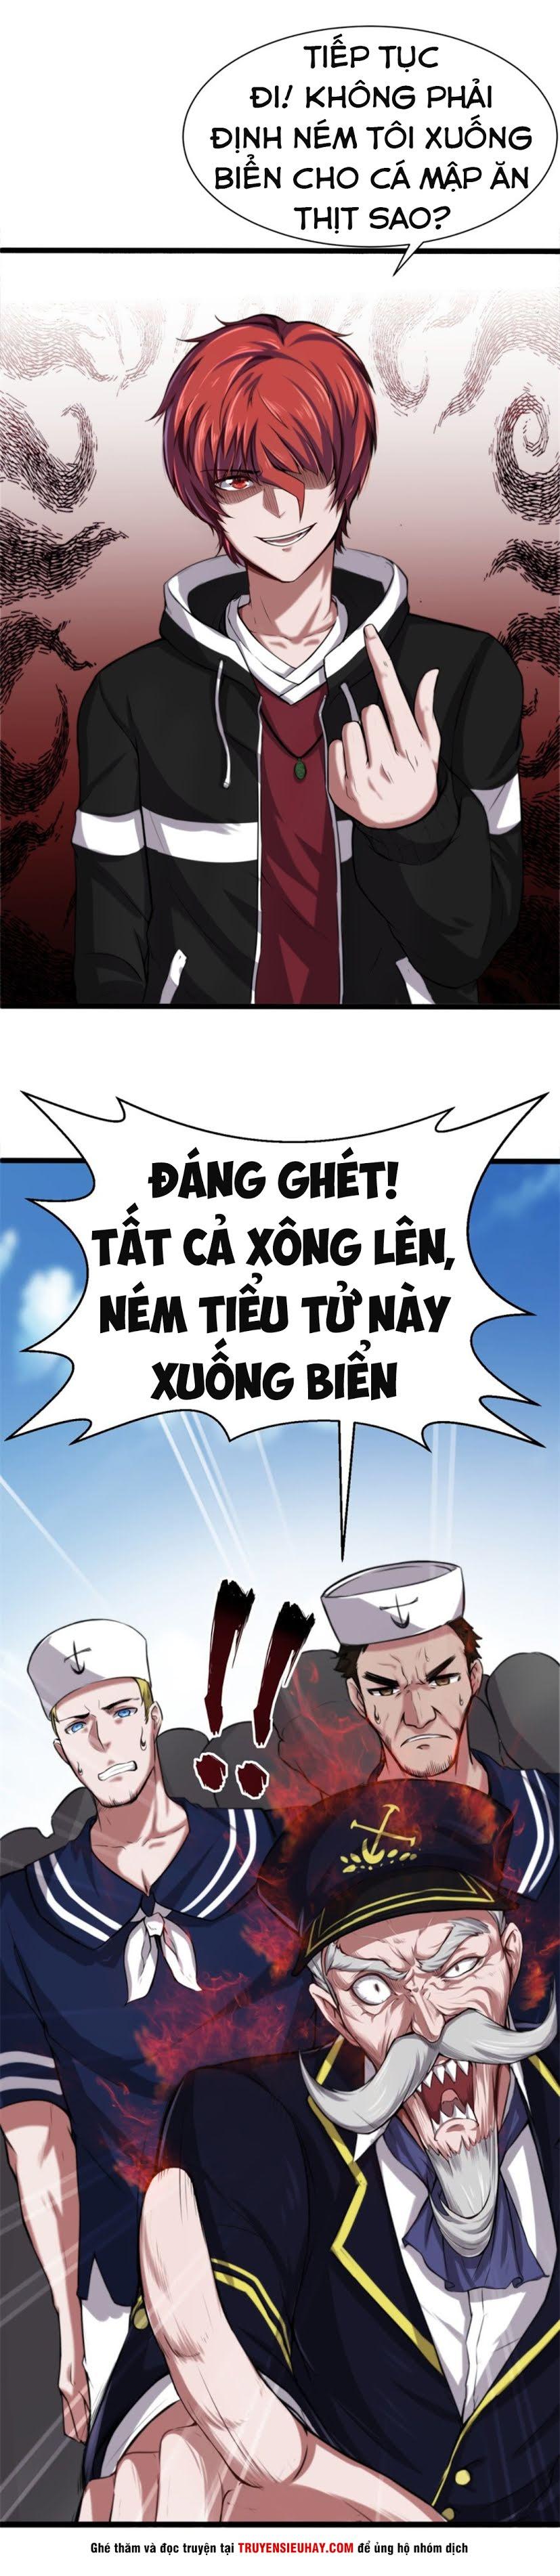 Đô Thị Âm Dương Tiên Y chap 1 - Trang 13